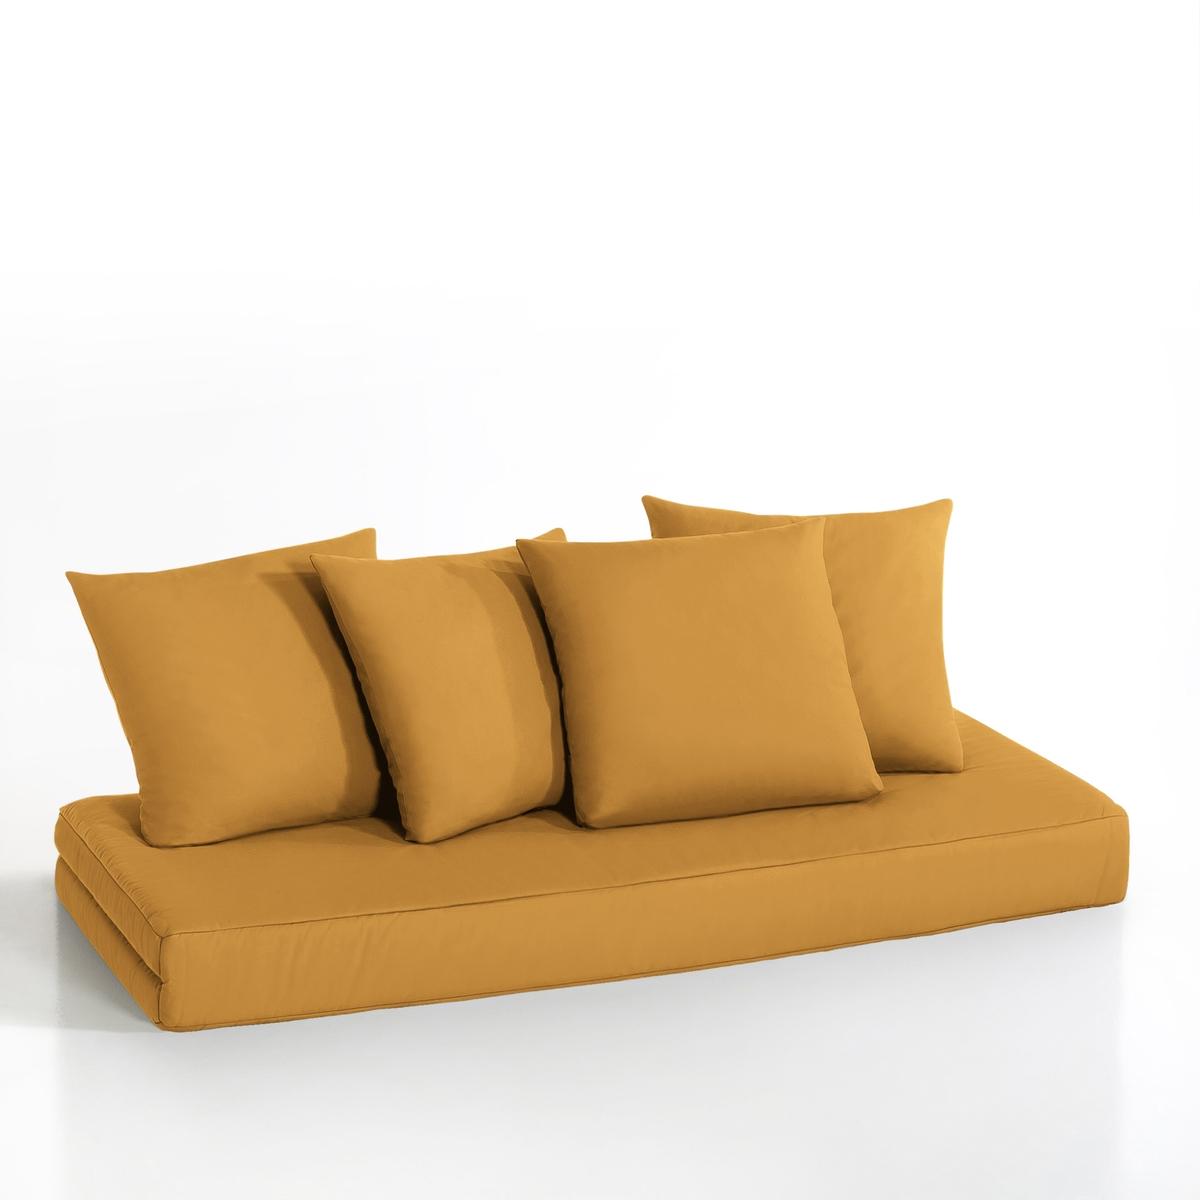 Матрас La Redoute И подушки для дивана Giada 80 x 190 см желтый